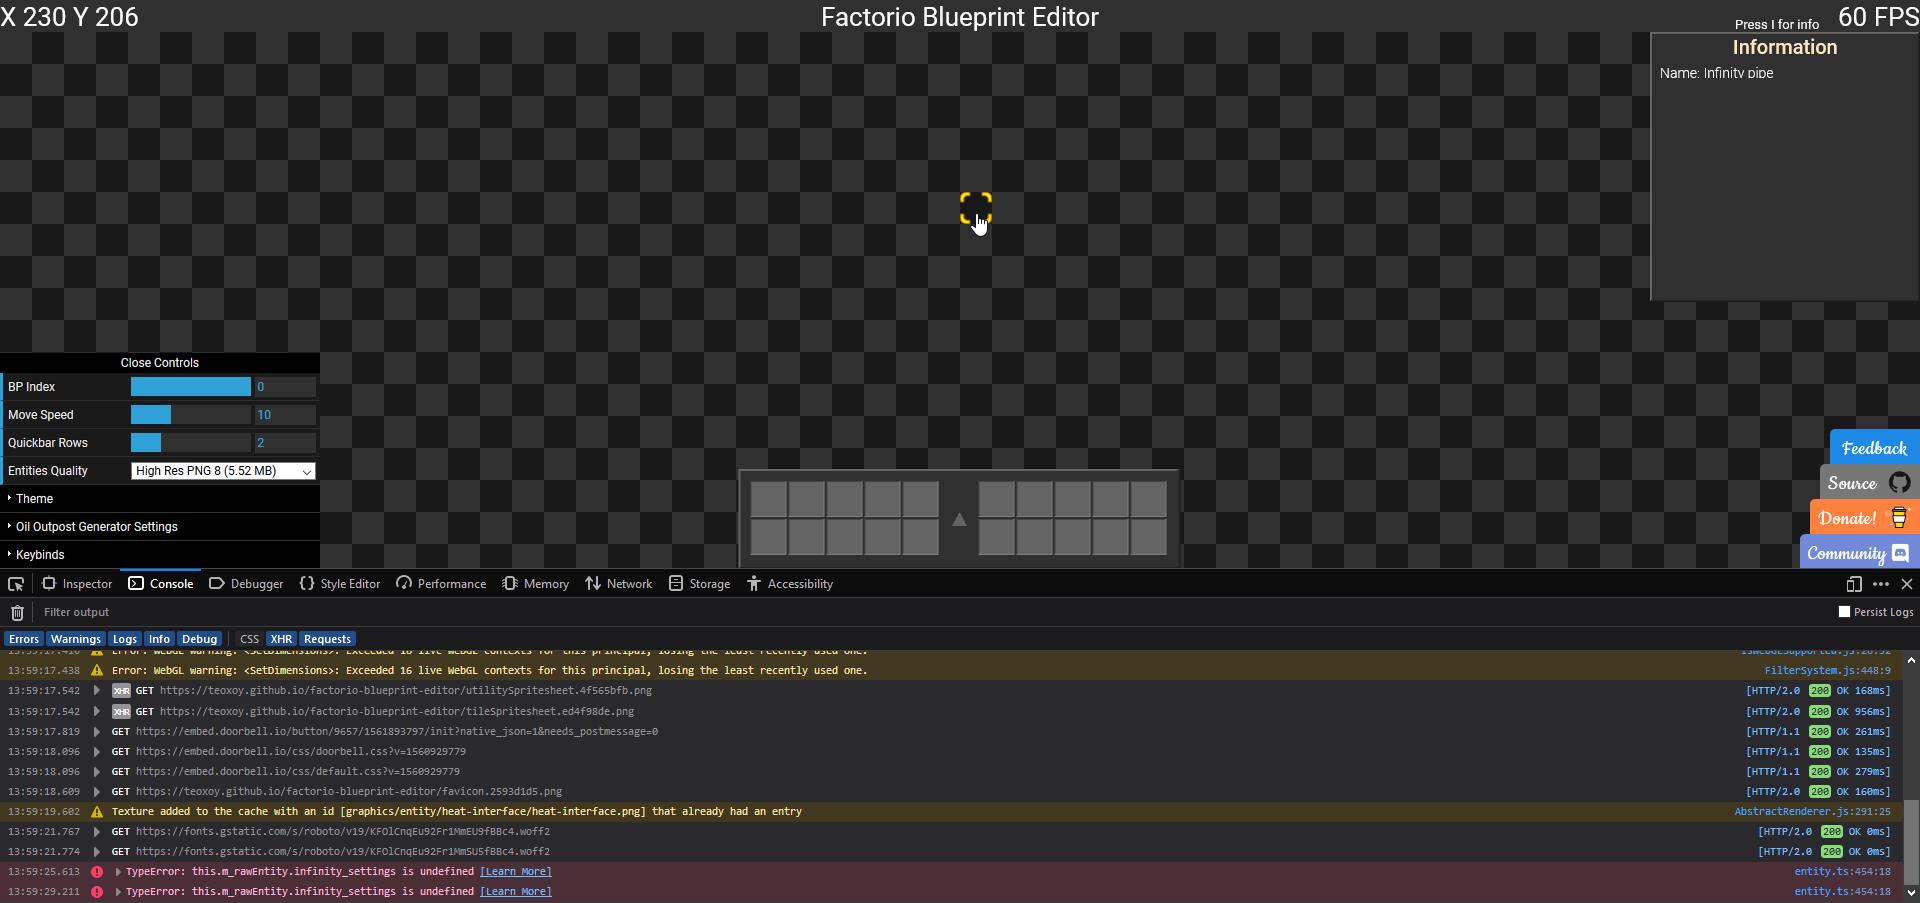 Factorio Mod Browser